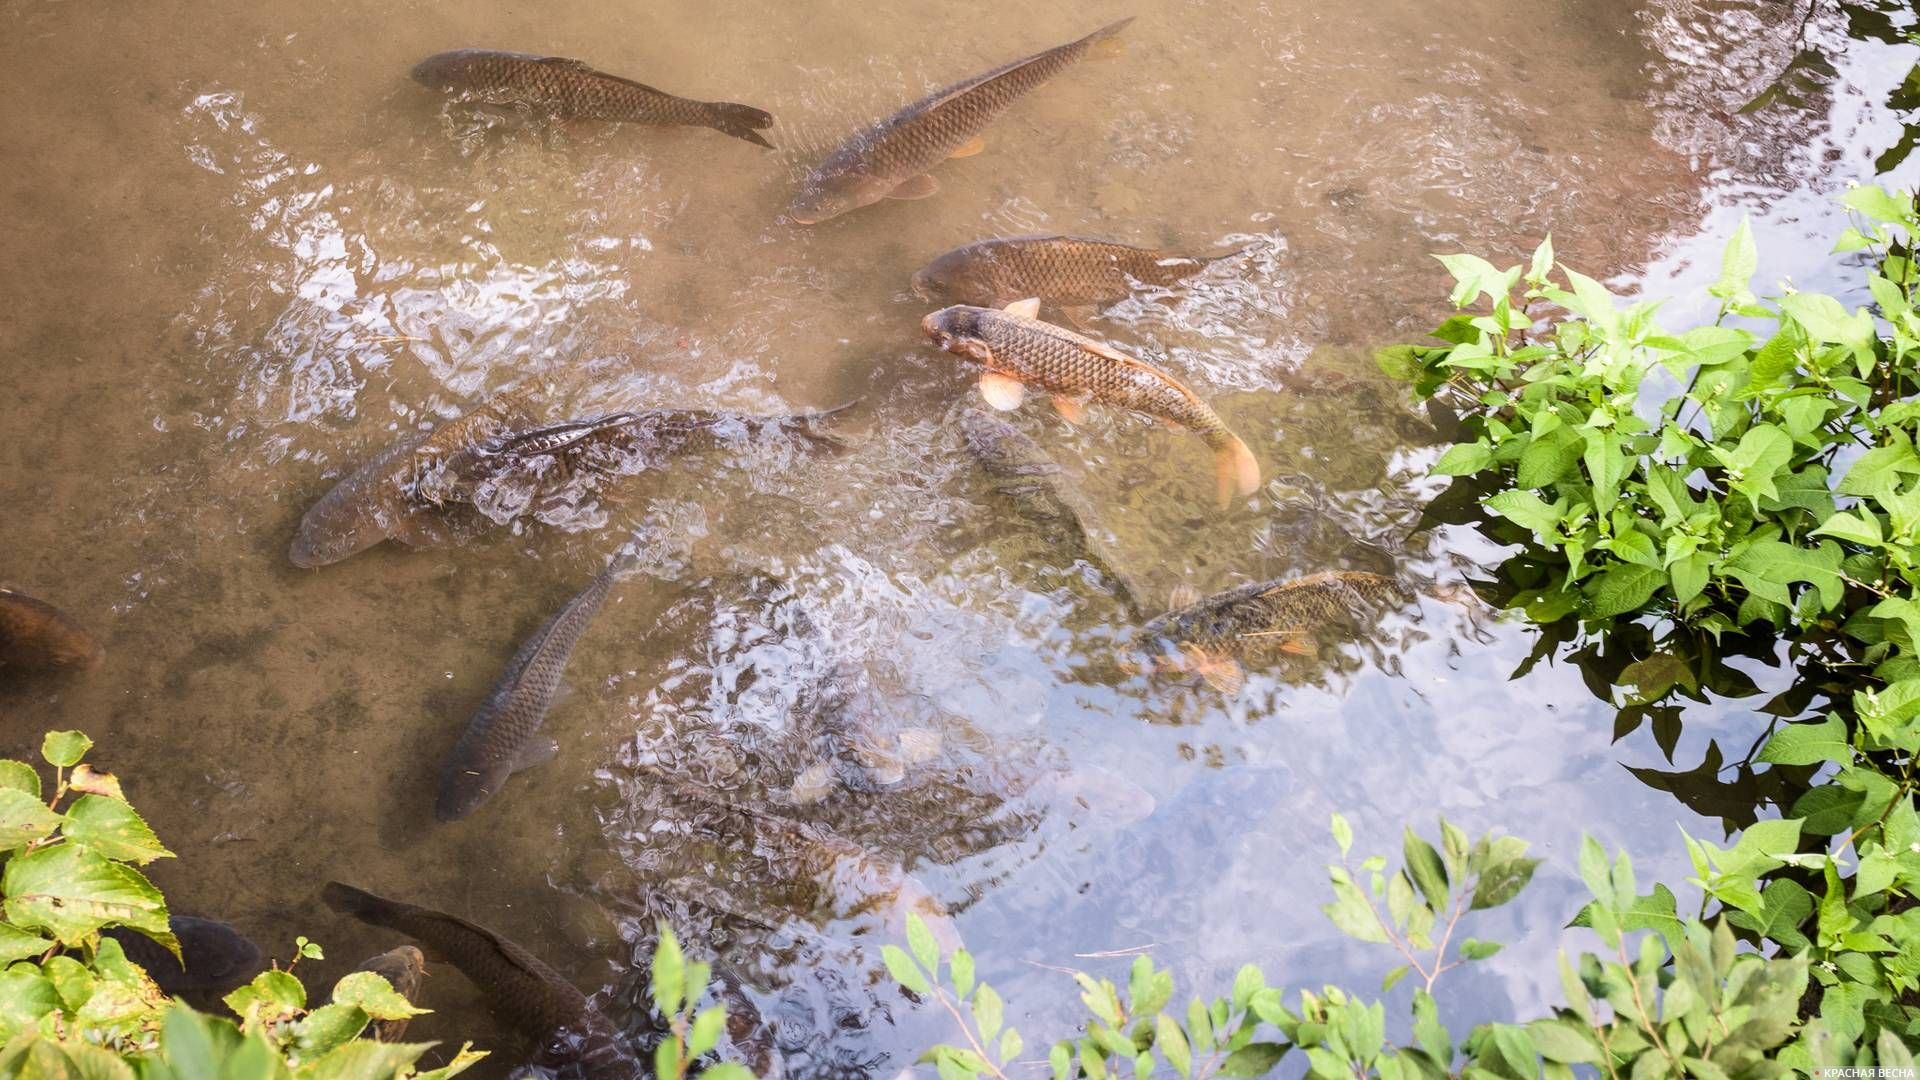 Рыба в мутной воде. Пруд в саду, Никко, Япония 31.10.2016